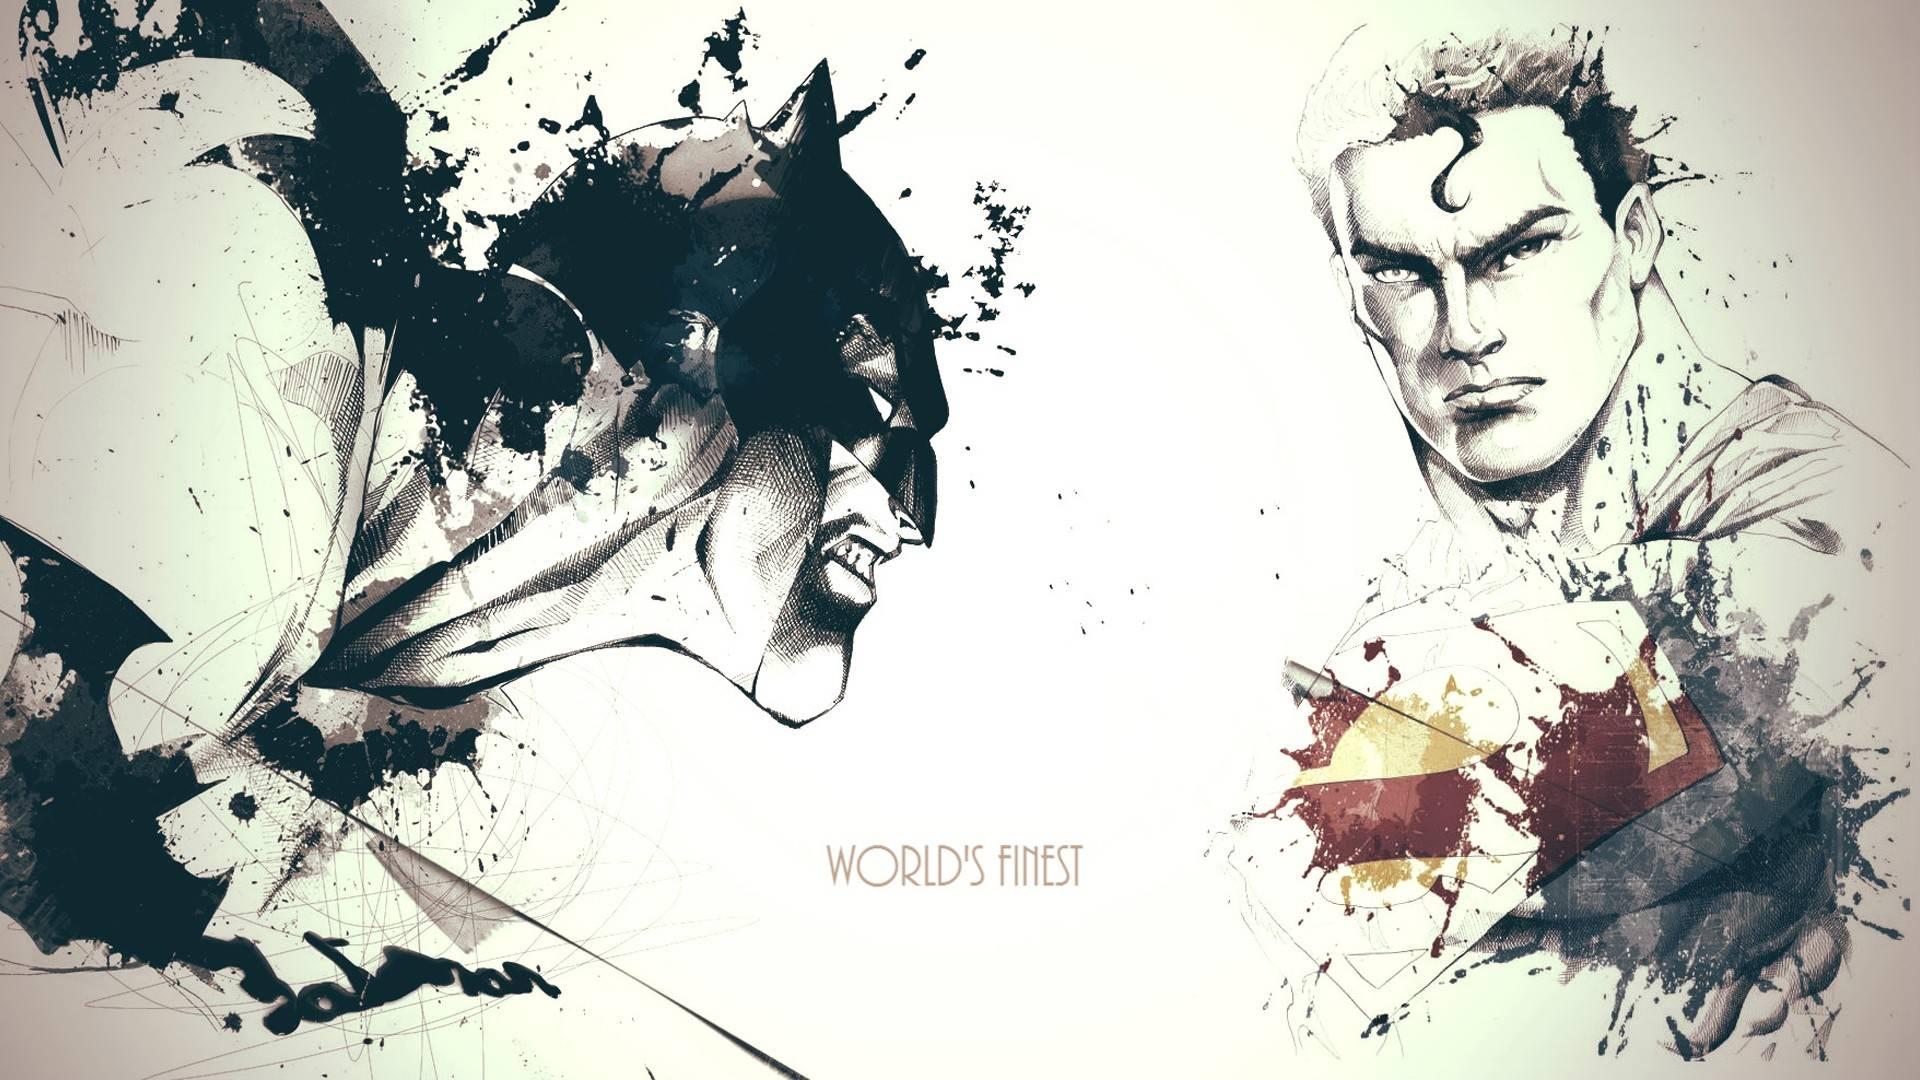 batman vs superman wallpapers - sf wallpaper